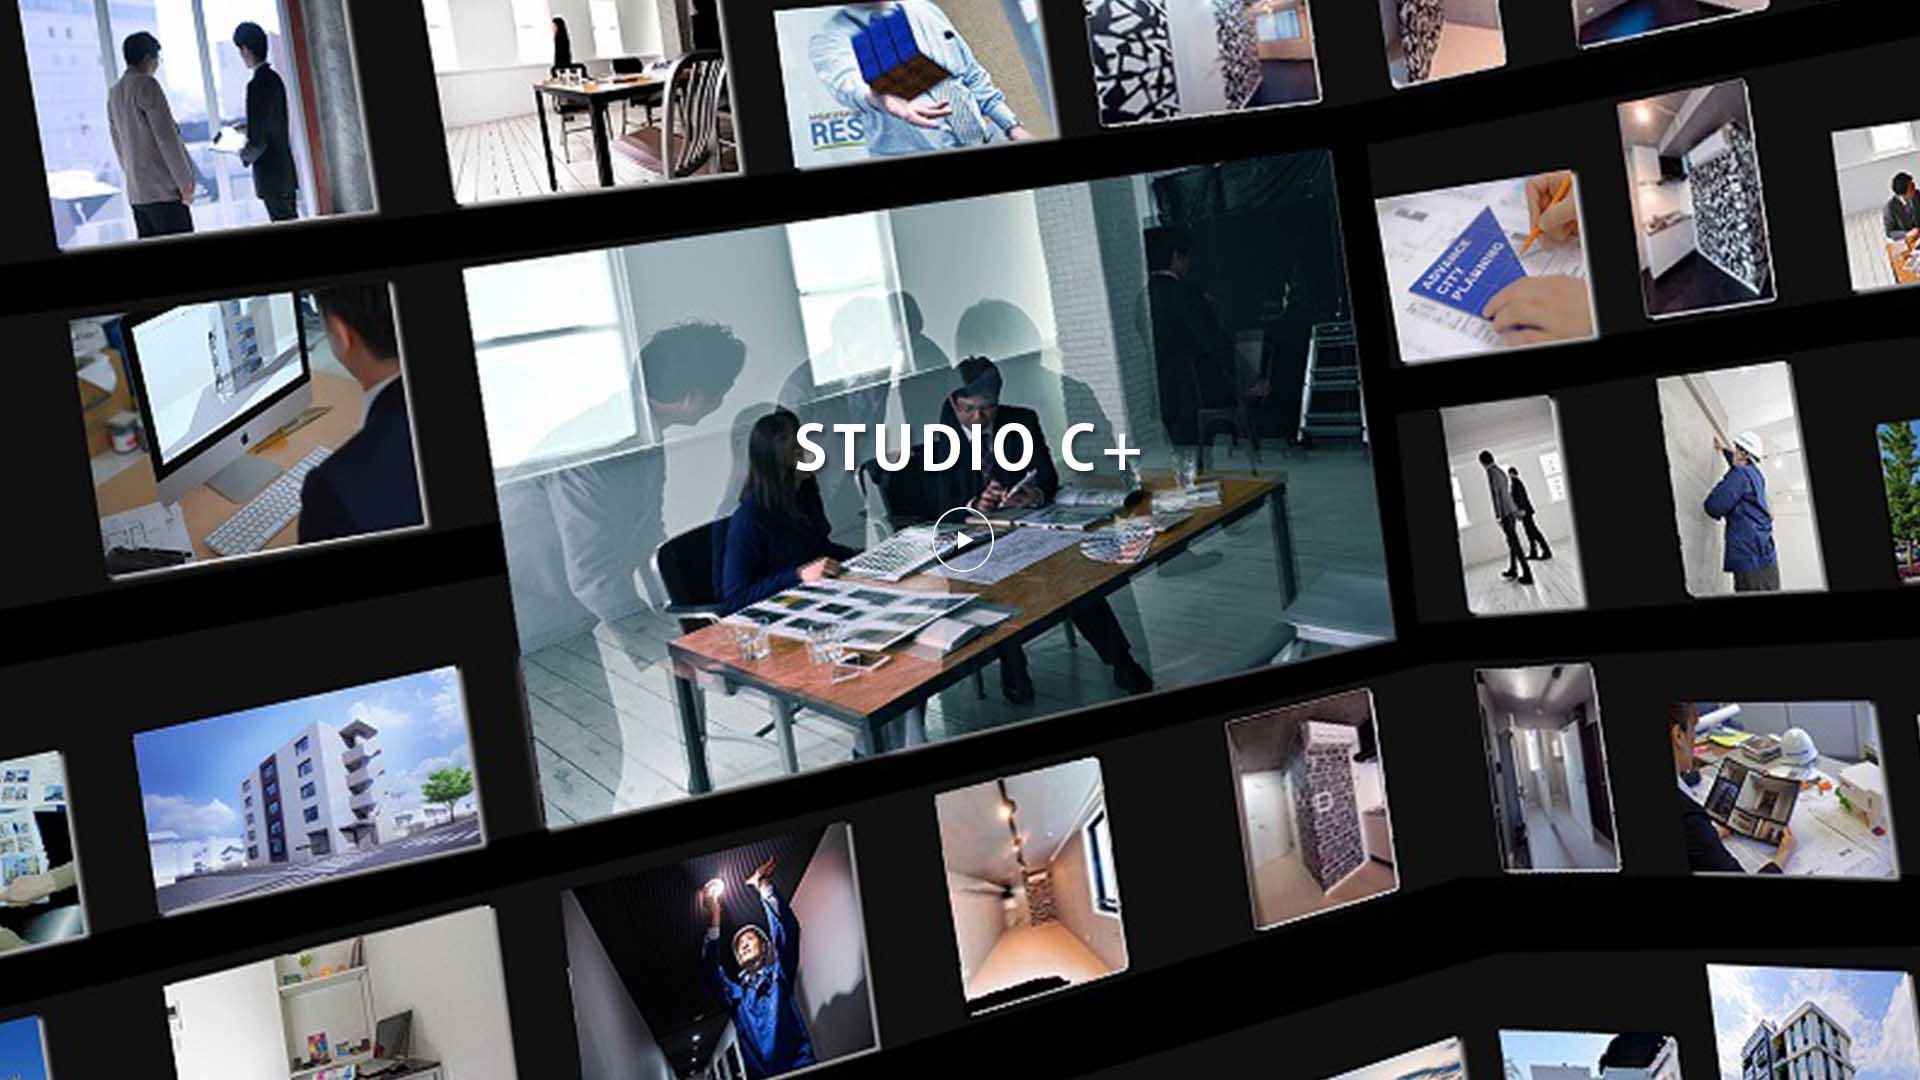 studio cplus